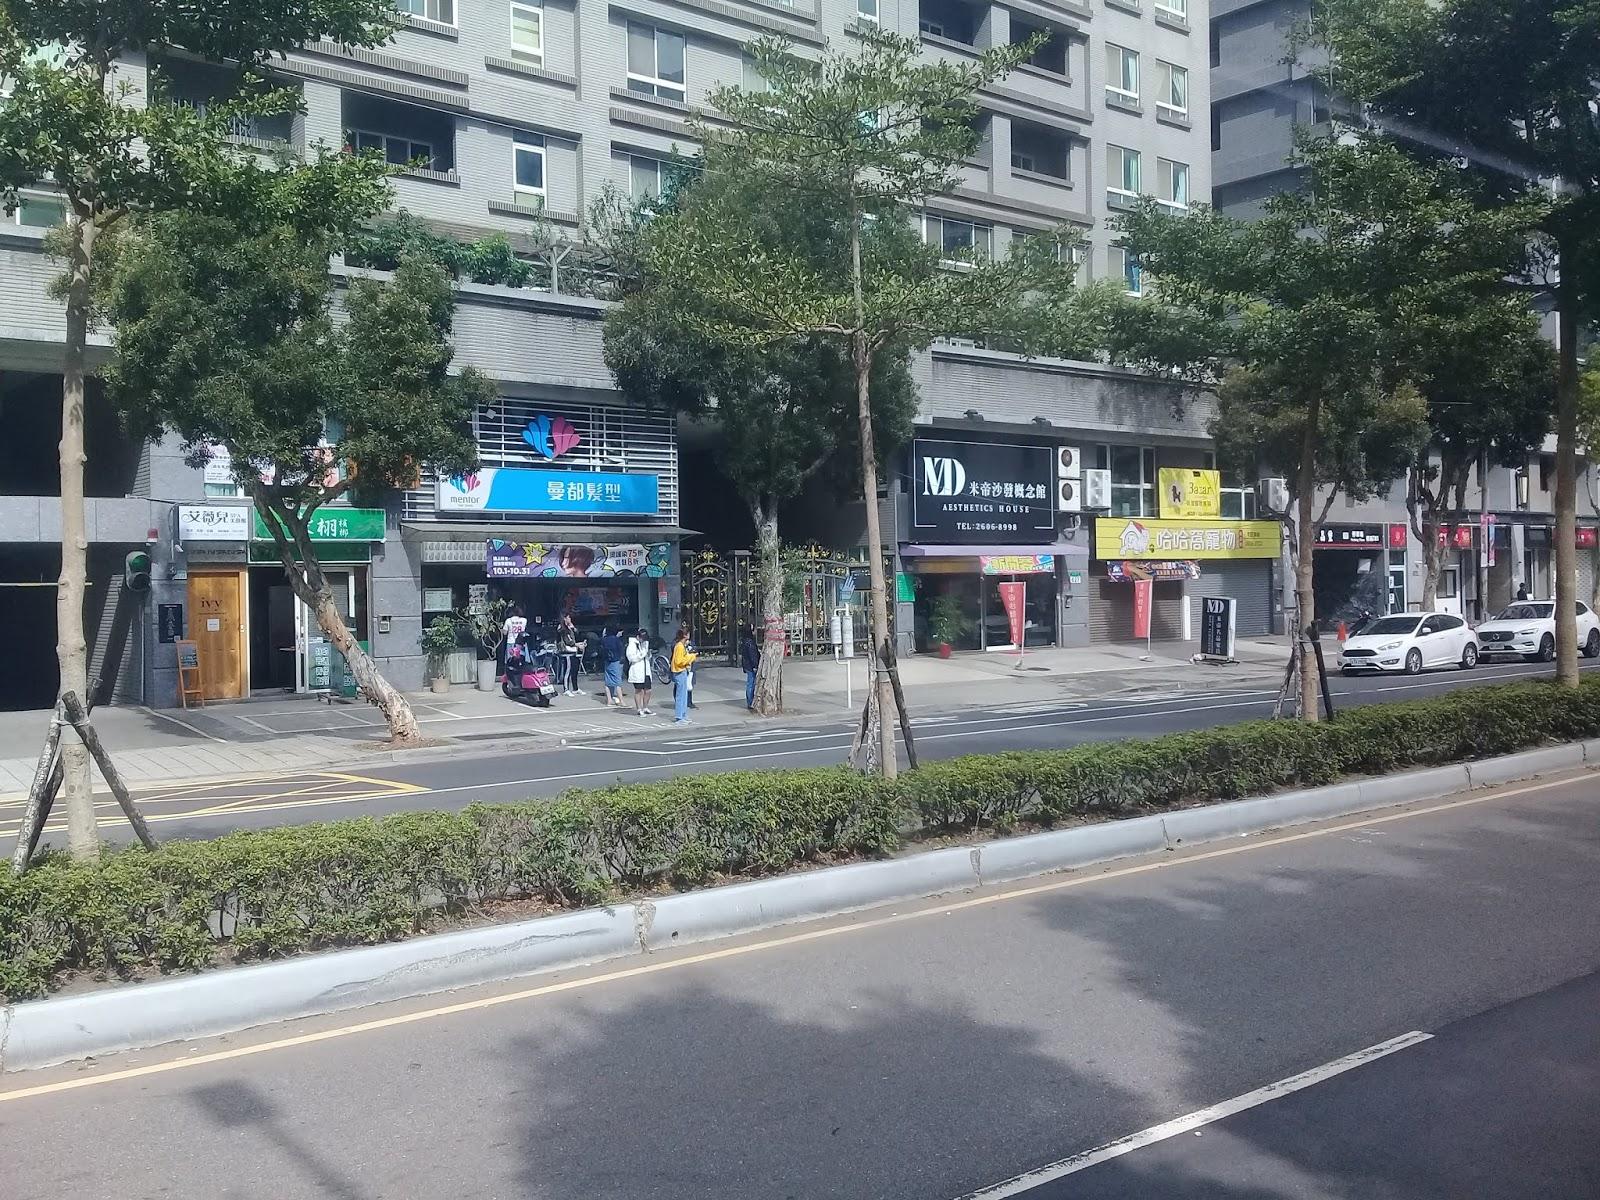 就是愛公車: 20191102 937 林口-捷運圓山站 搭乘紀錄